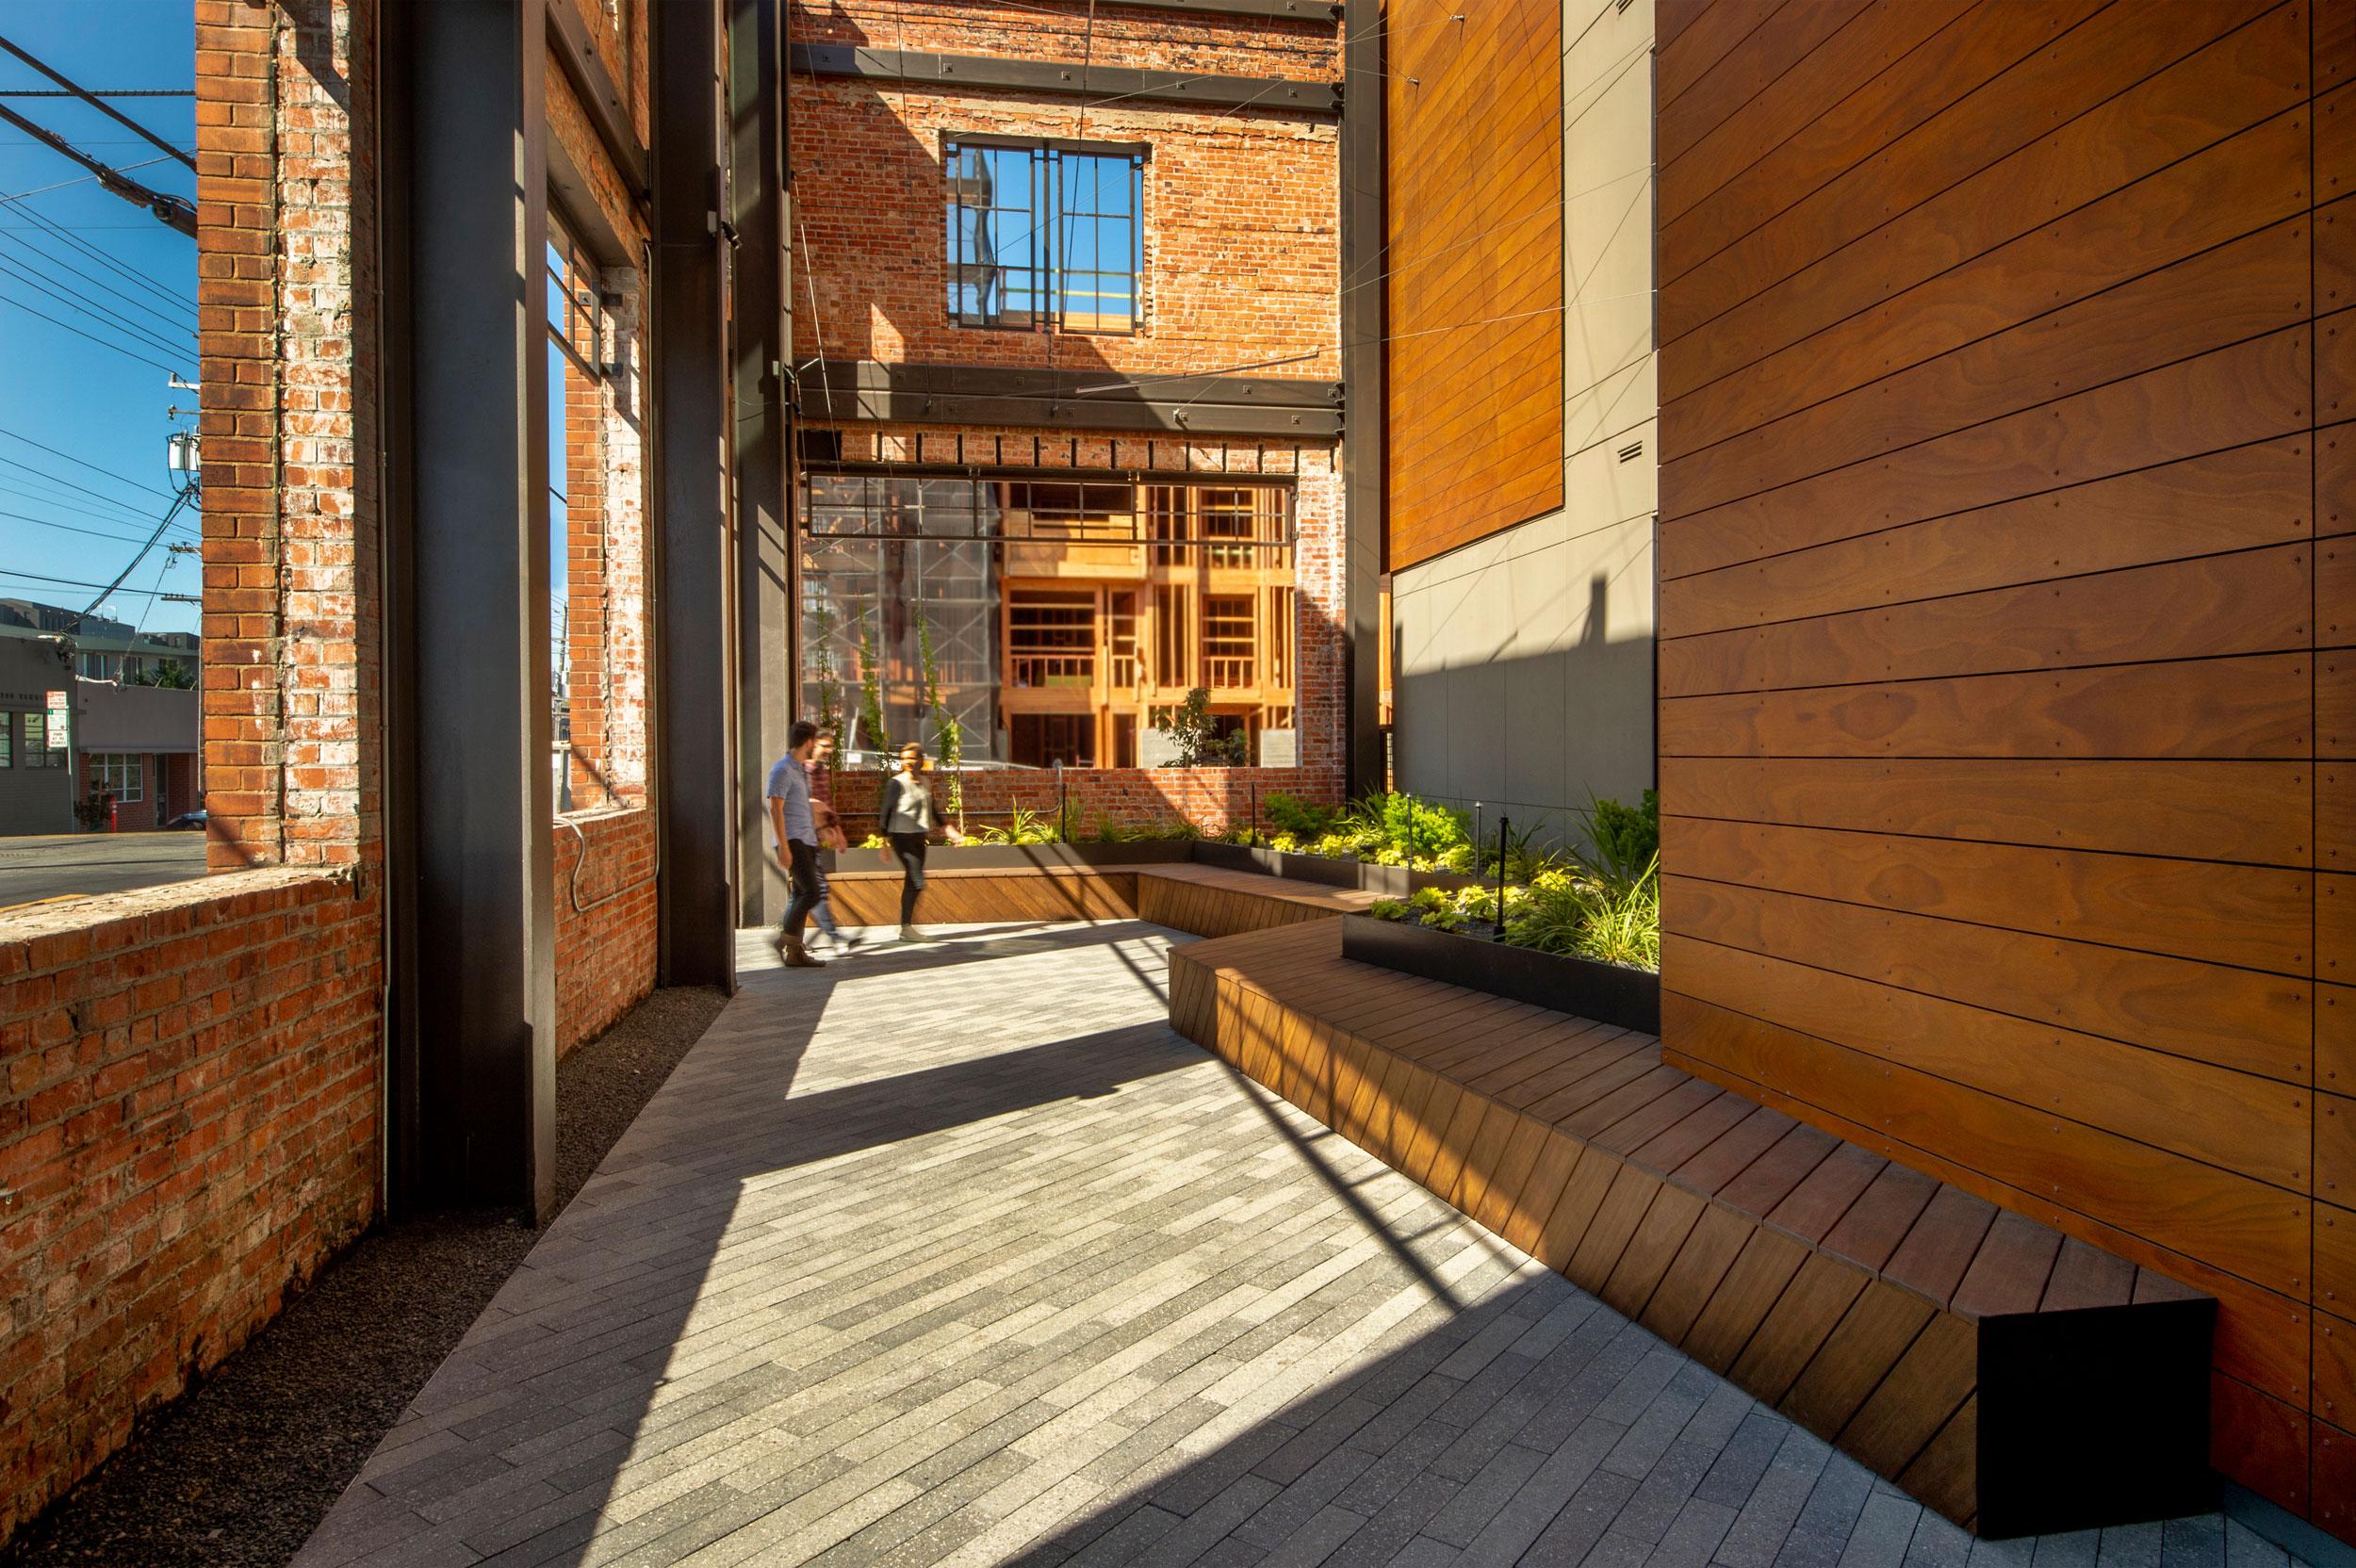 815-Courtyard-5.jpg